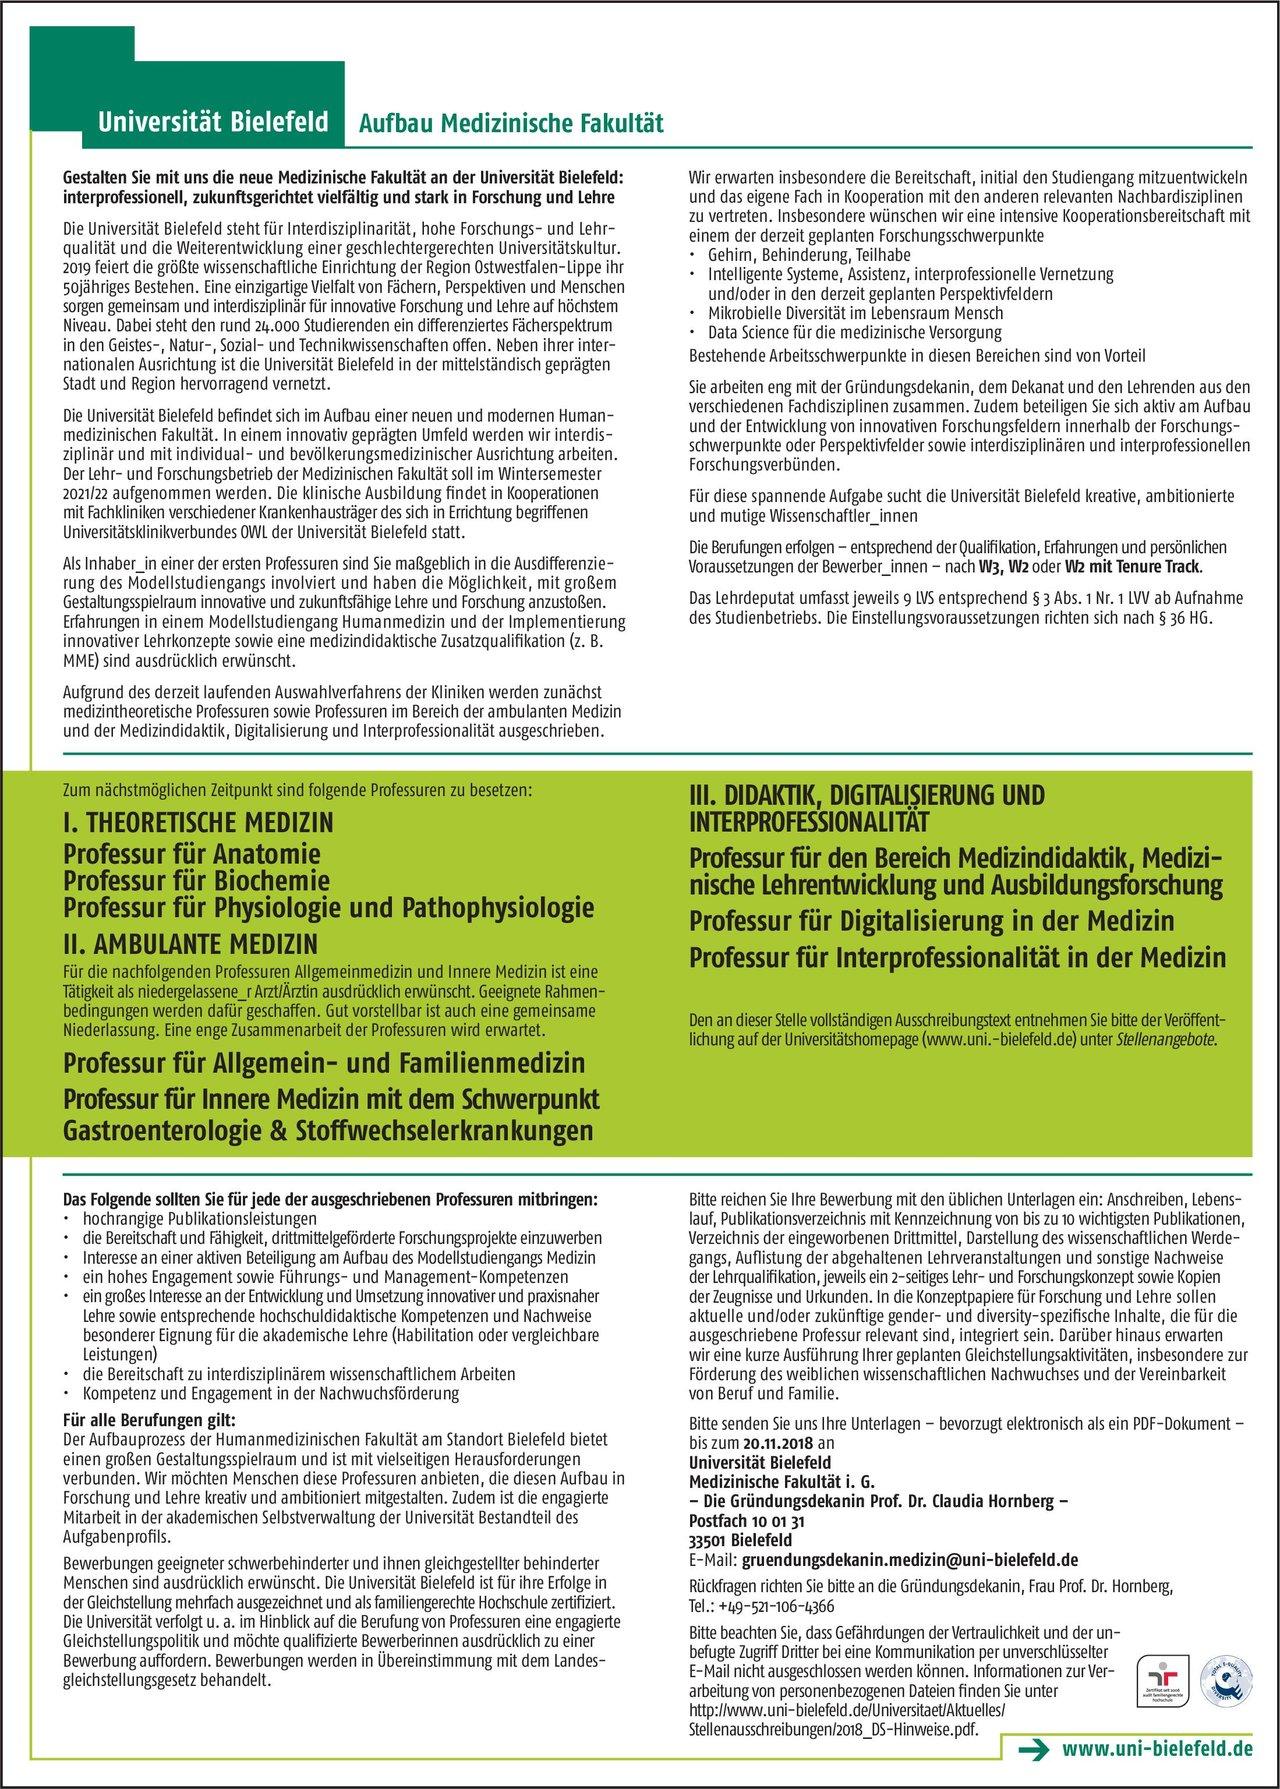 Stellenangebot: Professuren für Anatomie, Biochemie, Physiol